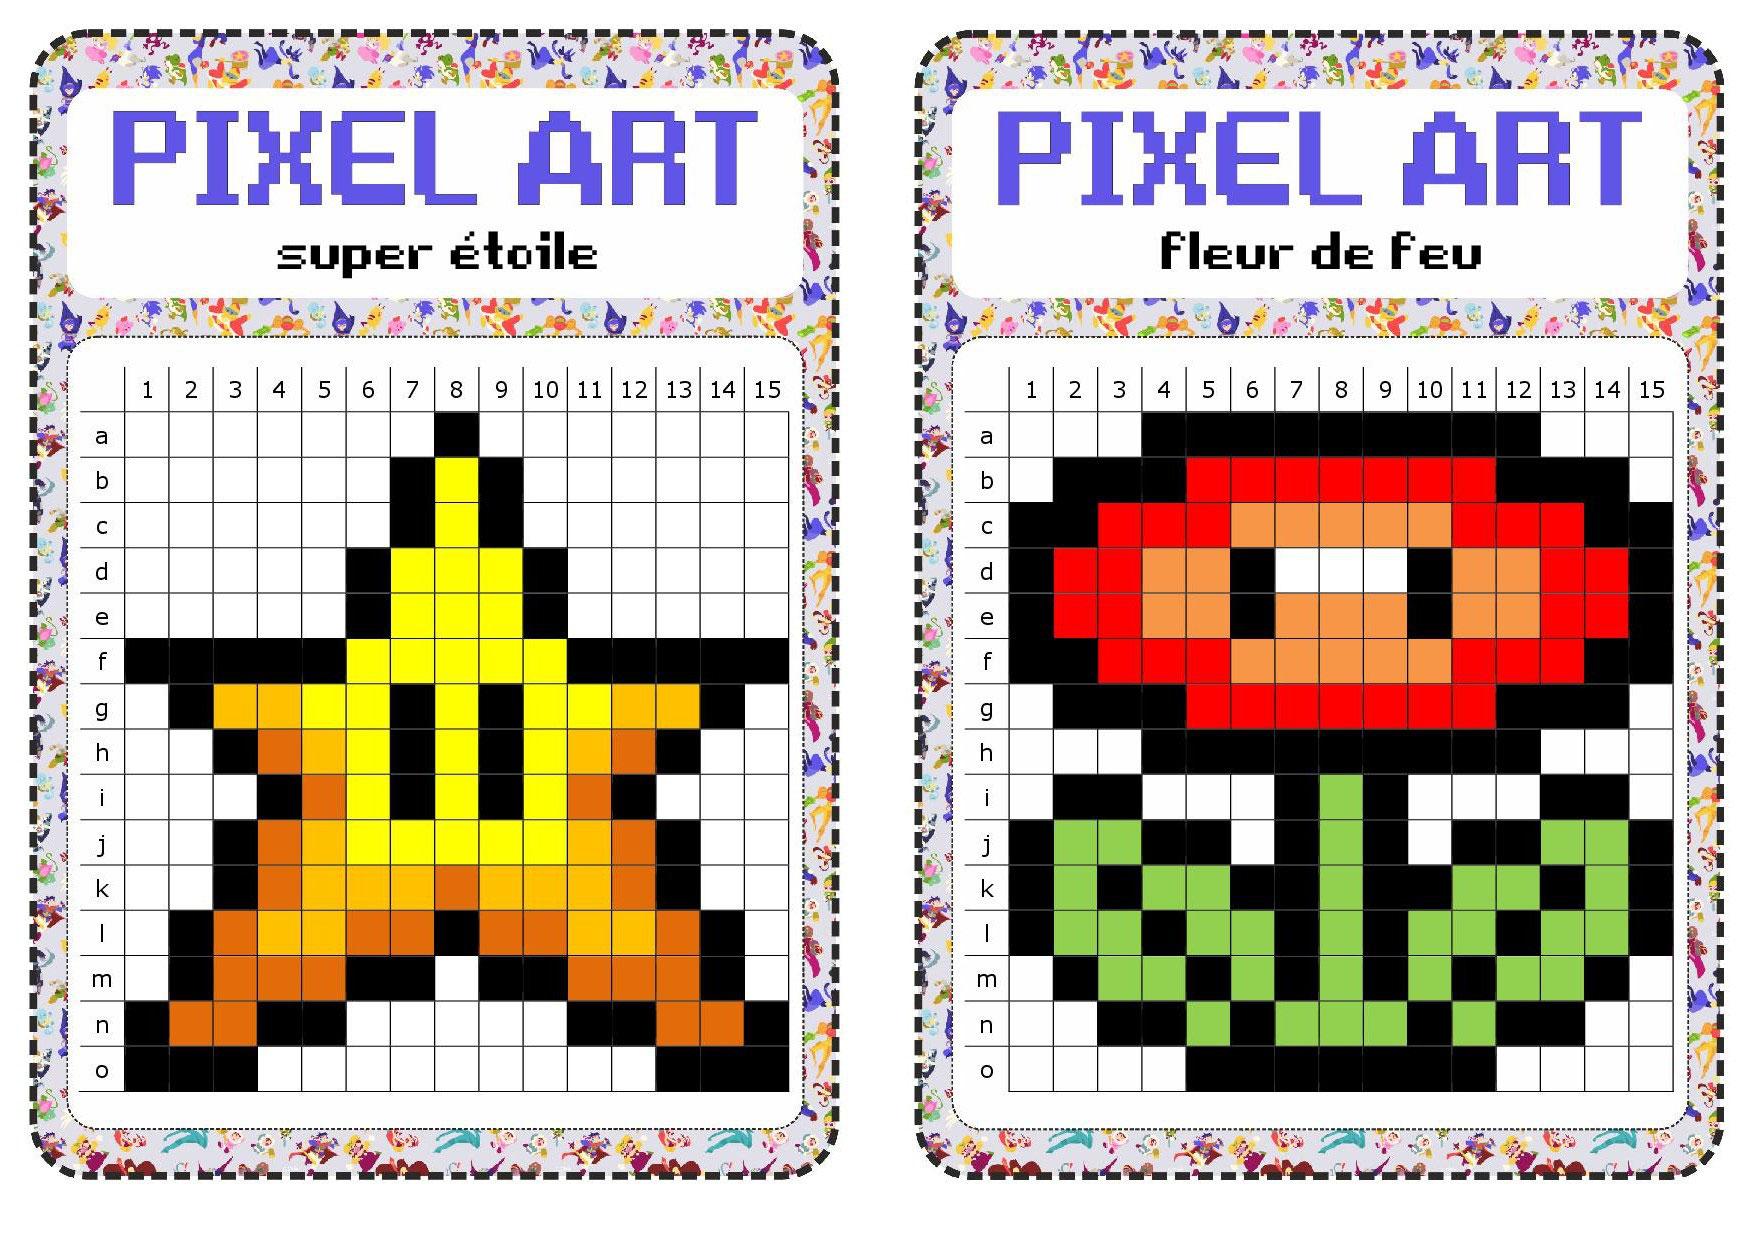 Atelier Libre : Pixel Art - Fiches De Préparations (Cycle1 concernant Repérage Sur Quadrillage Gs